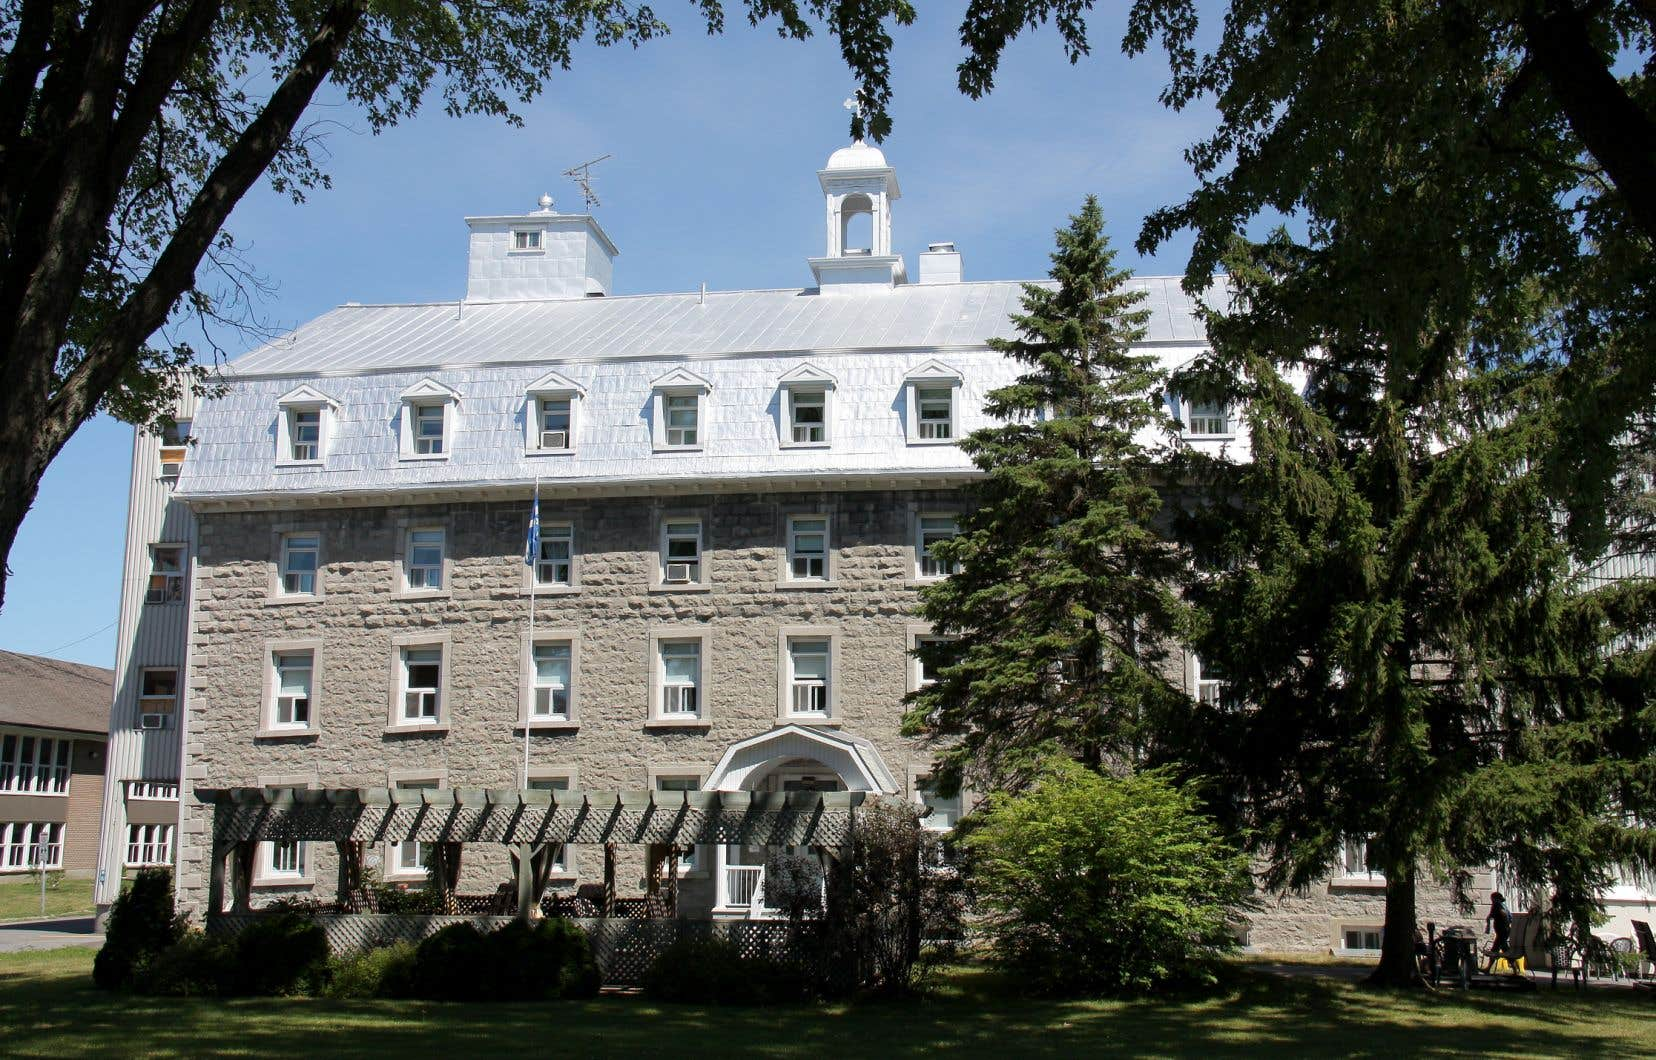 Le bâtiment original est en pierres grises. Il fait face au presbytère, lui aussi en pierres grises.